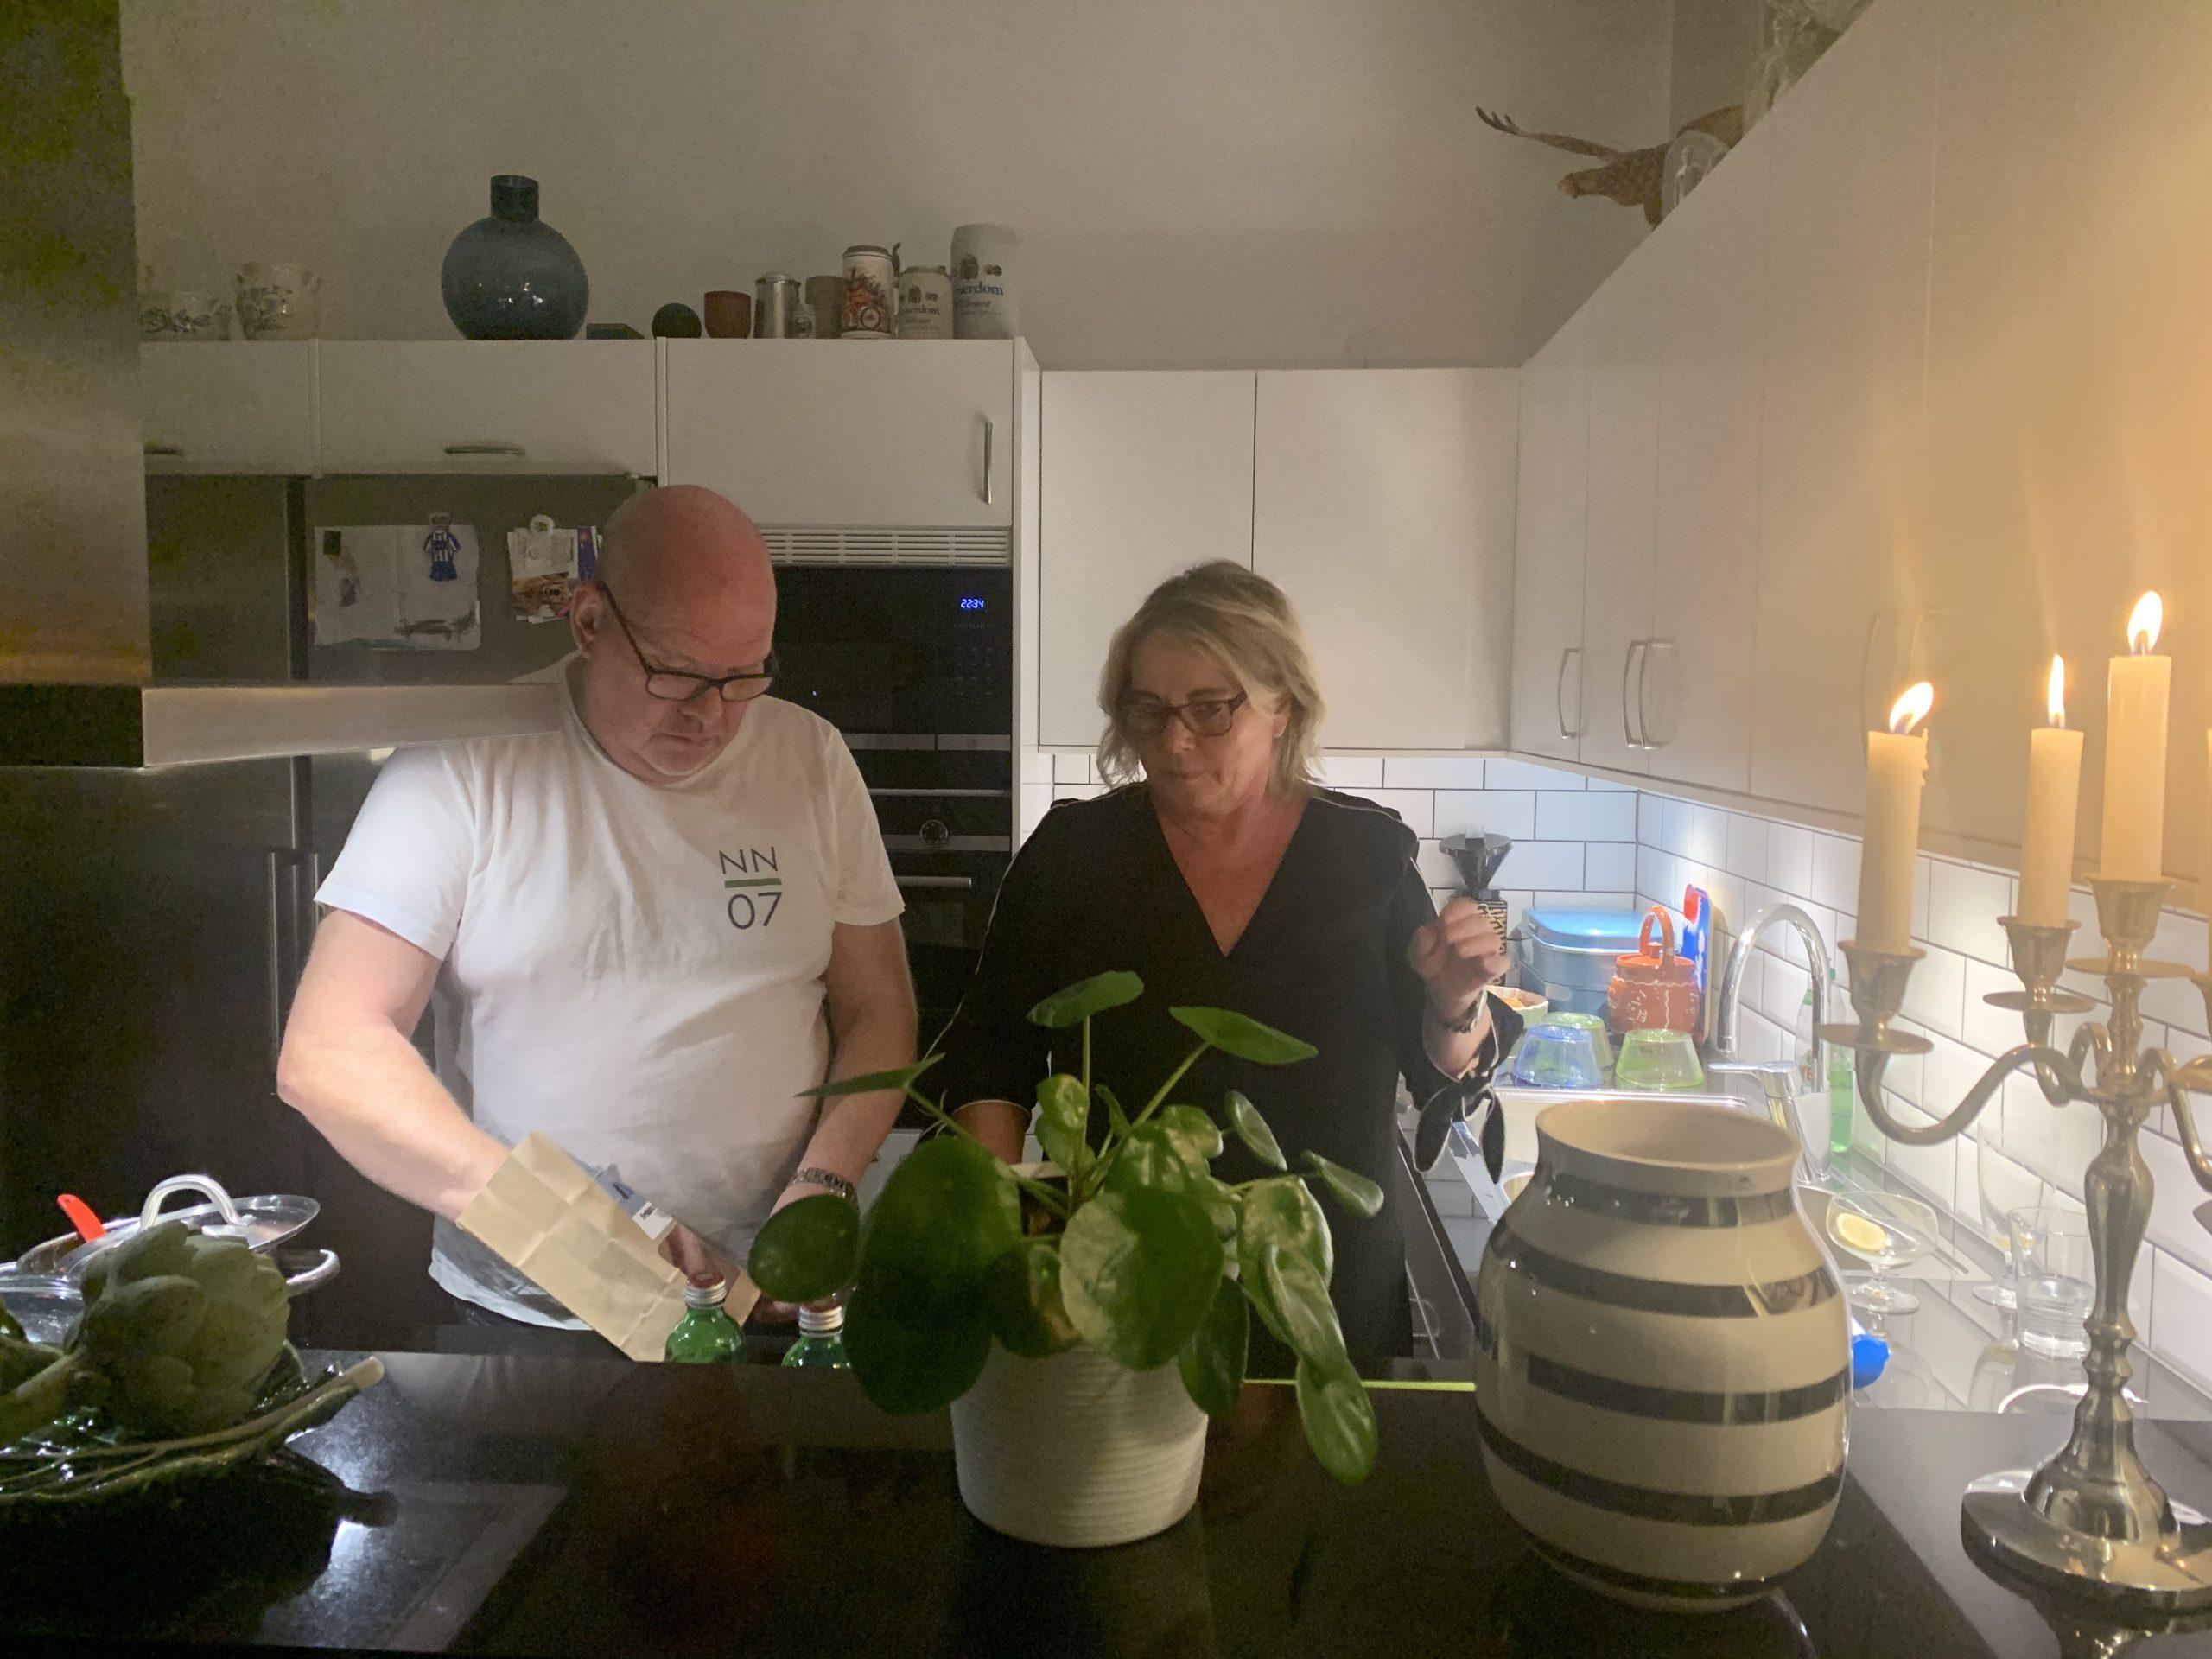 Jonny och Malin lagar mat i sitt fina kök